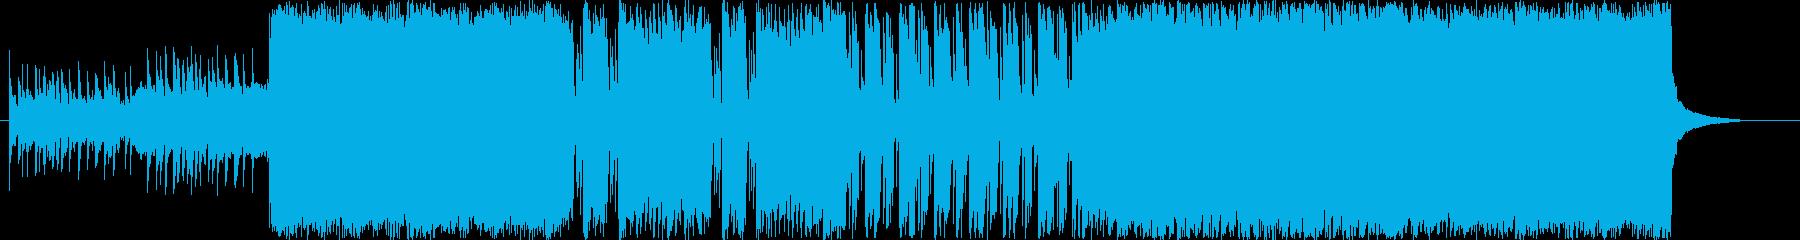 短縮ver哀愁漂うアナログ和風ロックの再生済みの波形